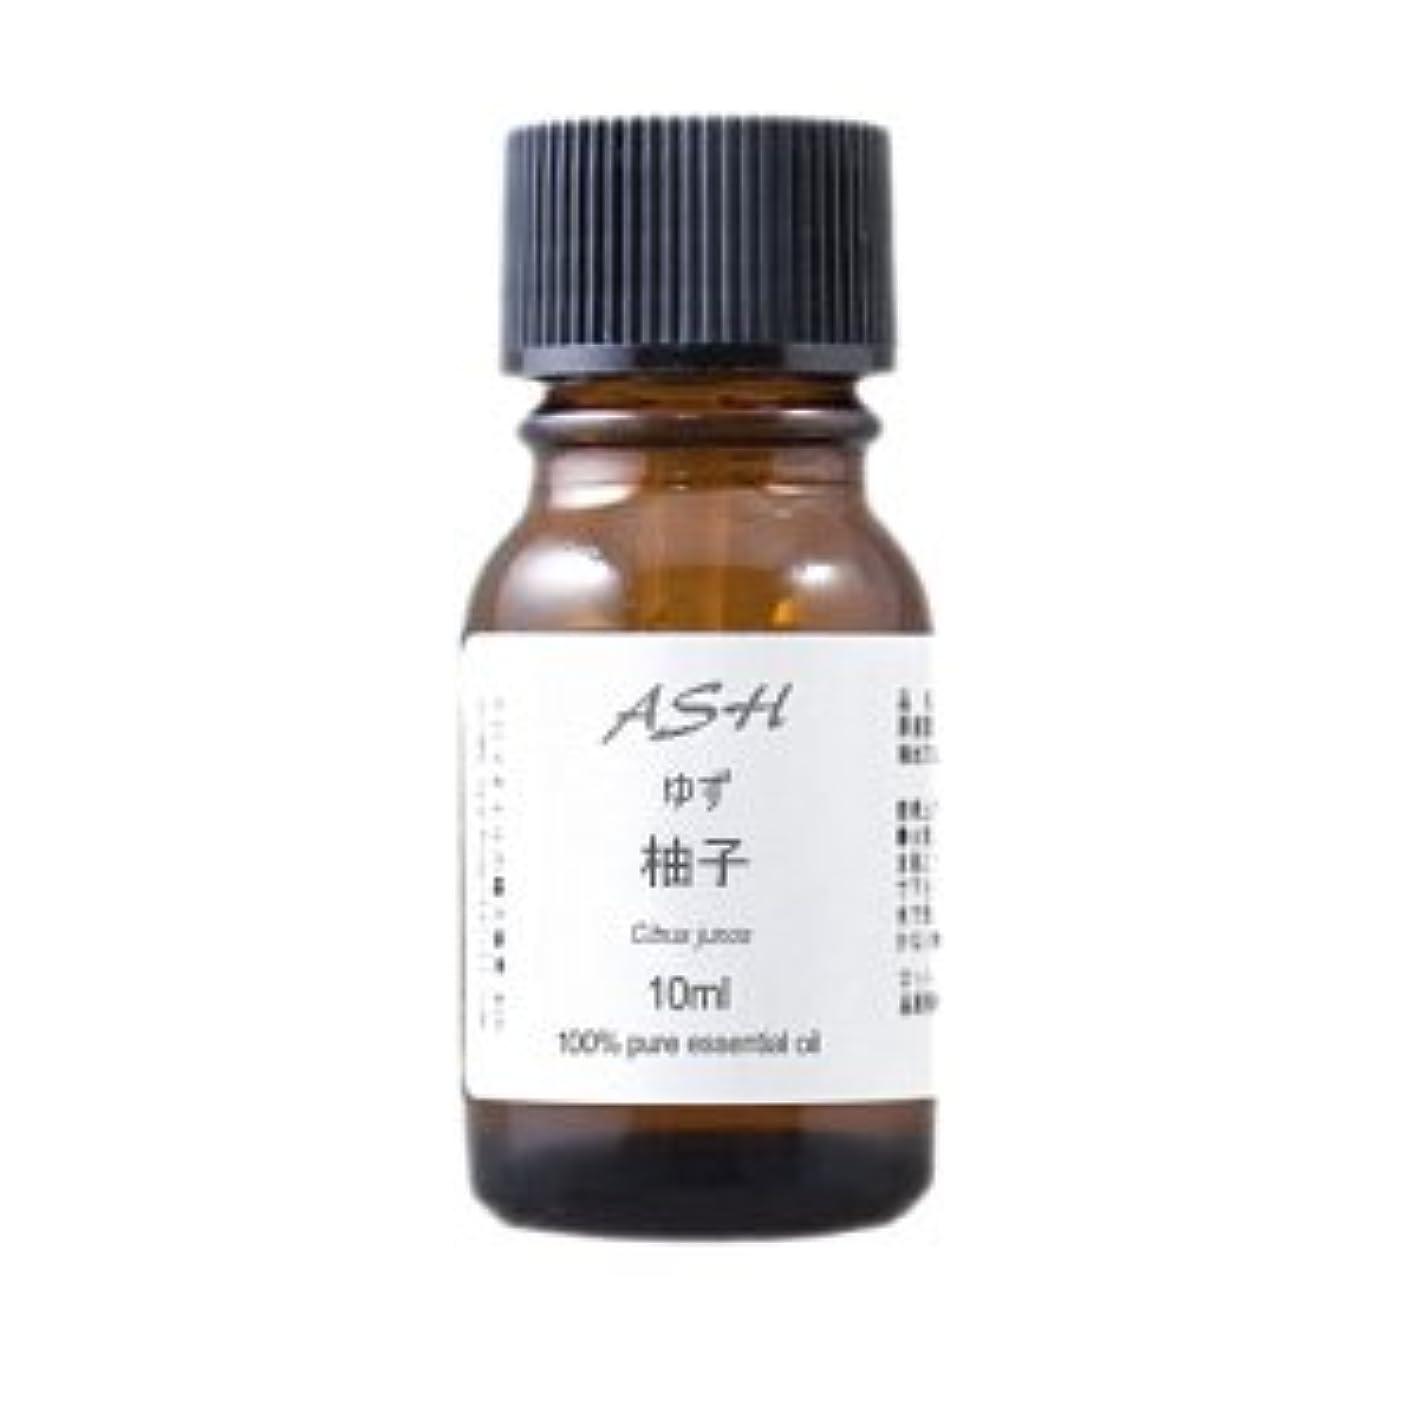 分散ミッション不和ASH 柚子 (ゆず) エッセンシャルオイル 10ml 【和精油】【Yuzu Essential Oil-Japan】 AEAJ表示基準適合認定精油